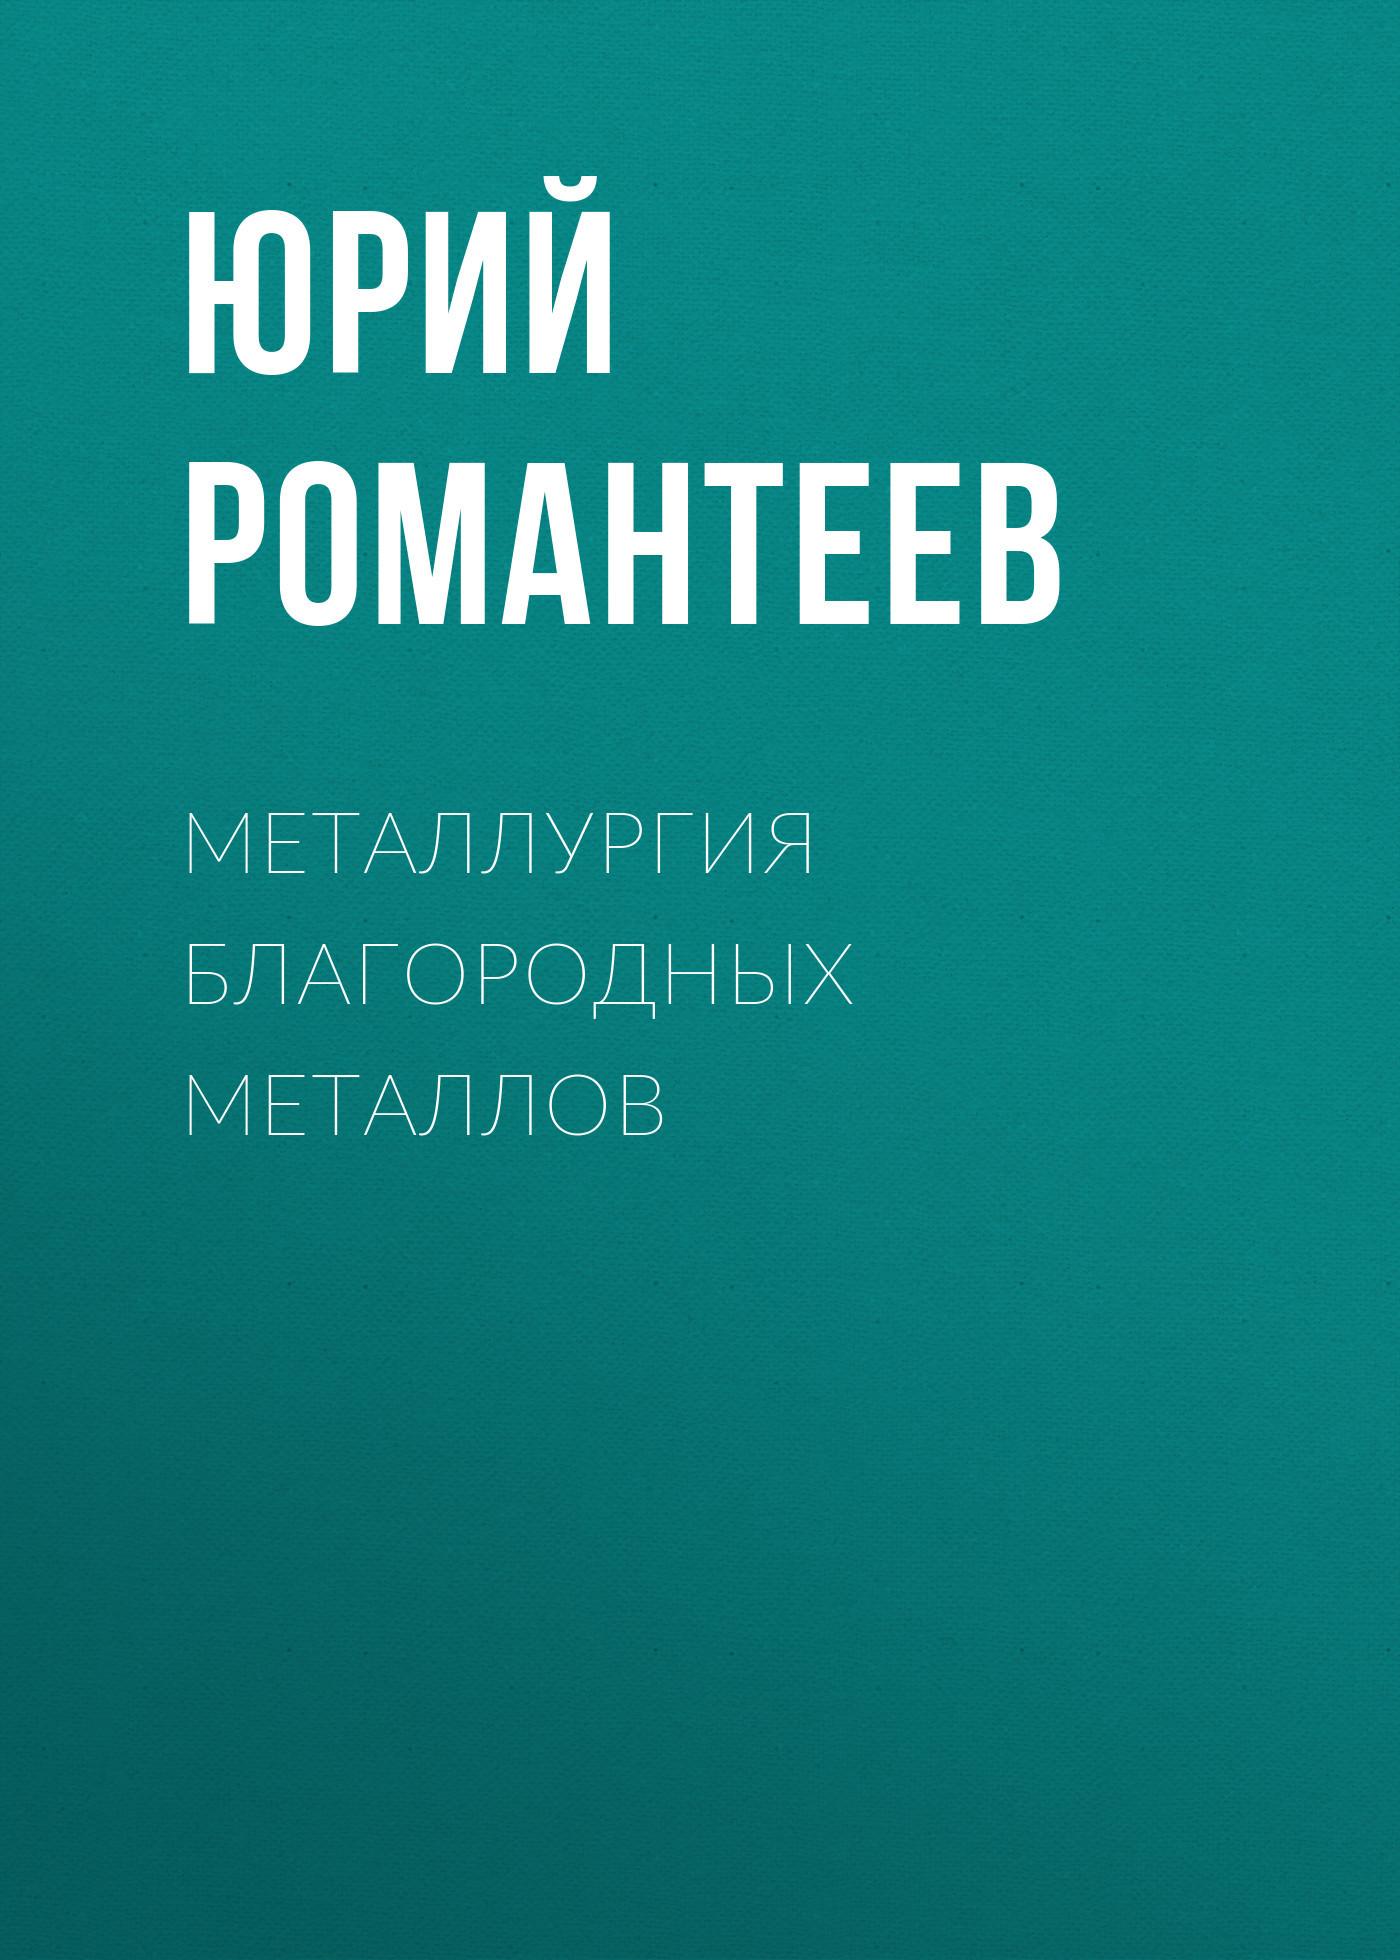 Юрий Романтеев Металлургия благородных металлов связь на промышленных предприятиях